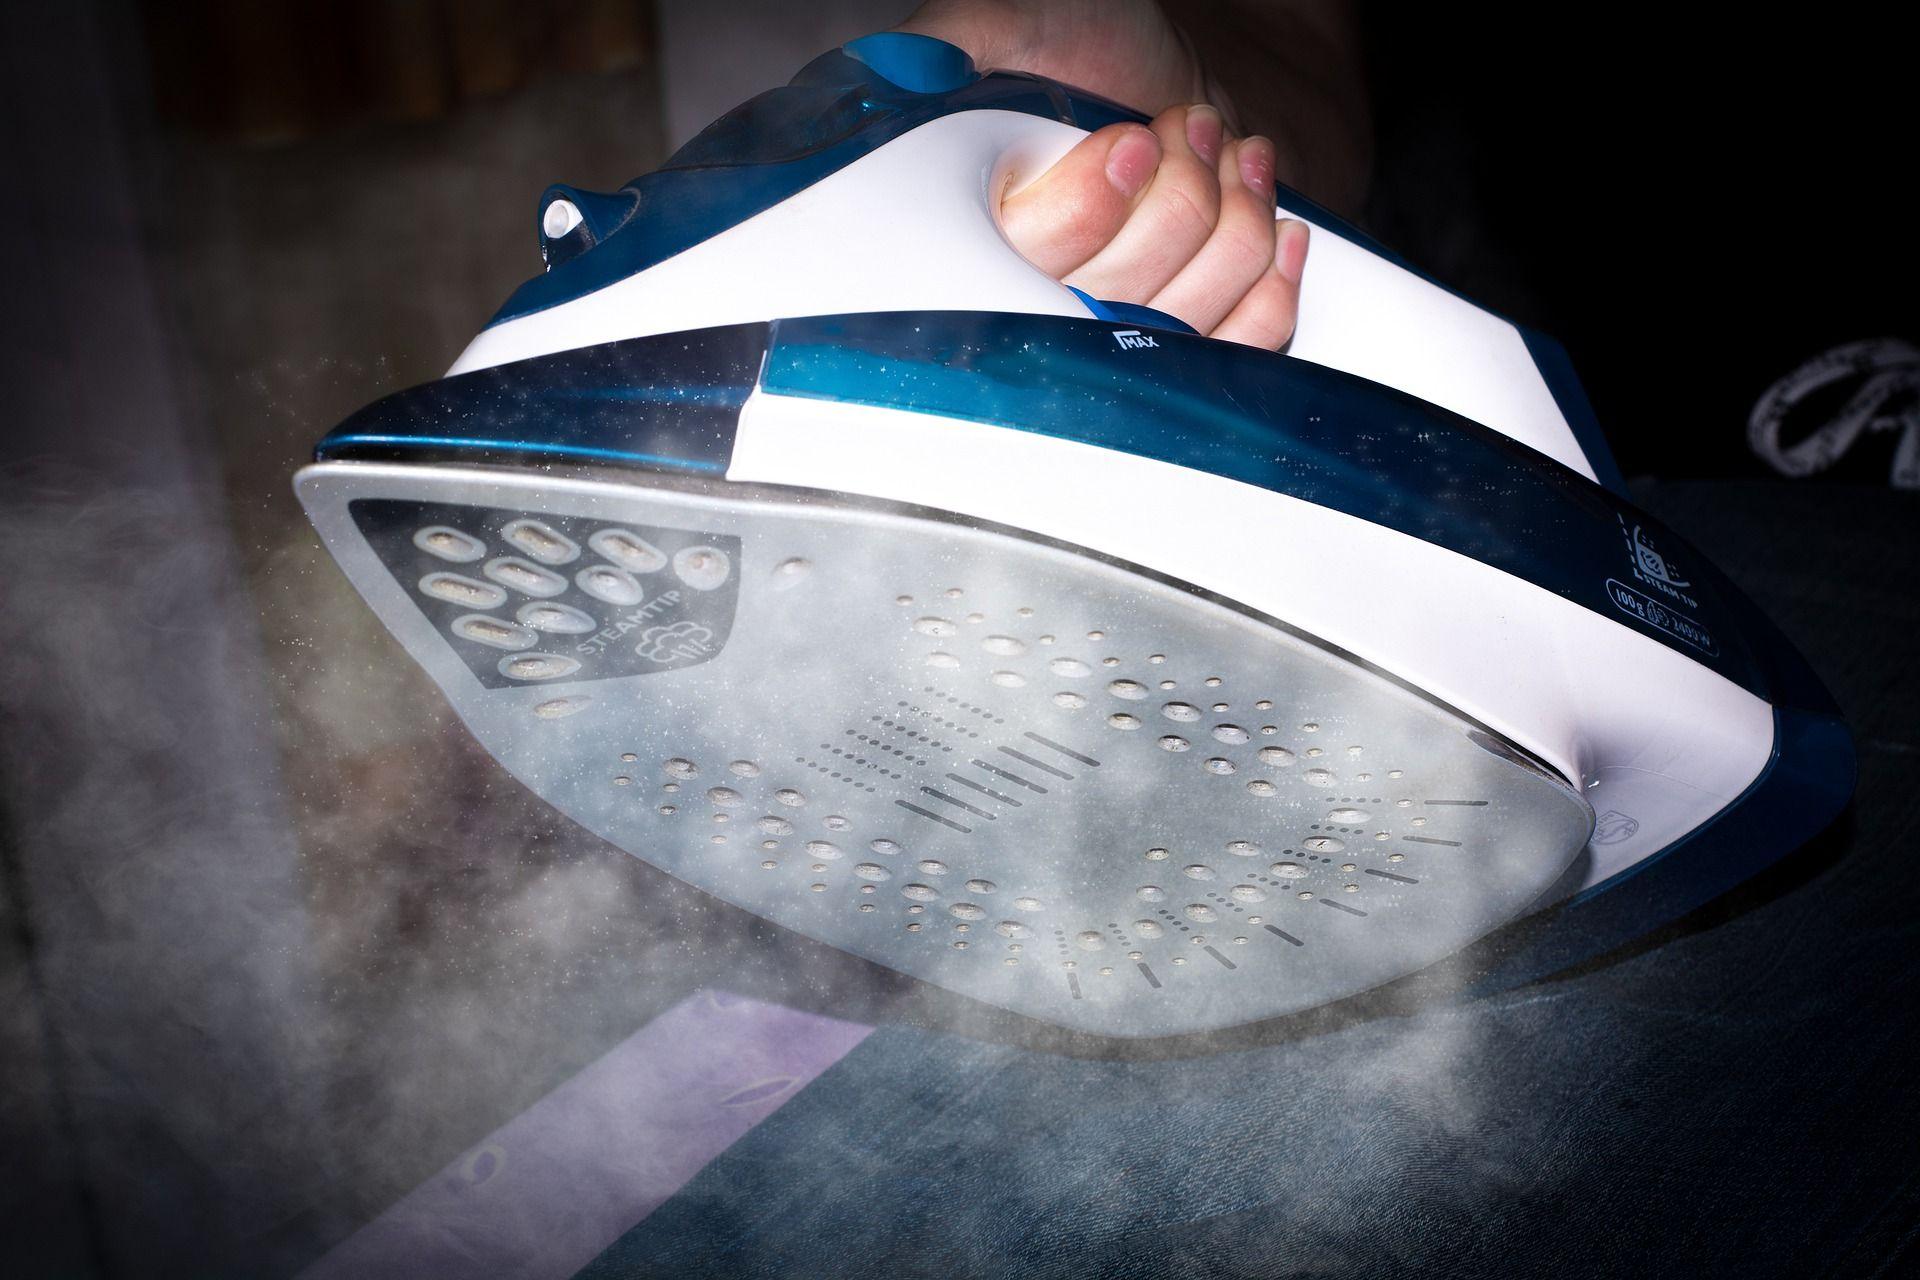 El uso de la plancha a vapor para la ropa según Planchas.pro